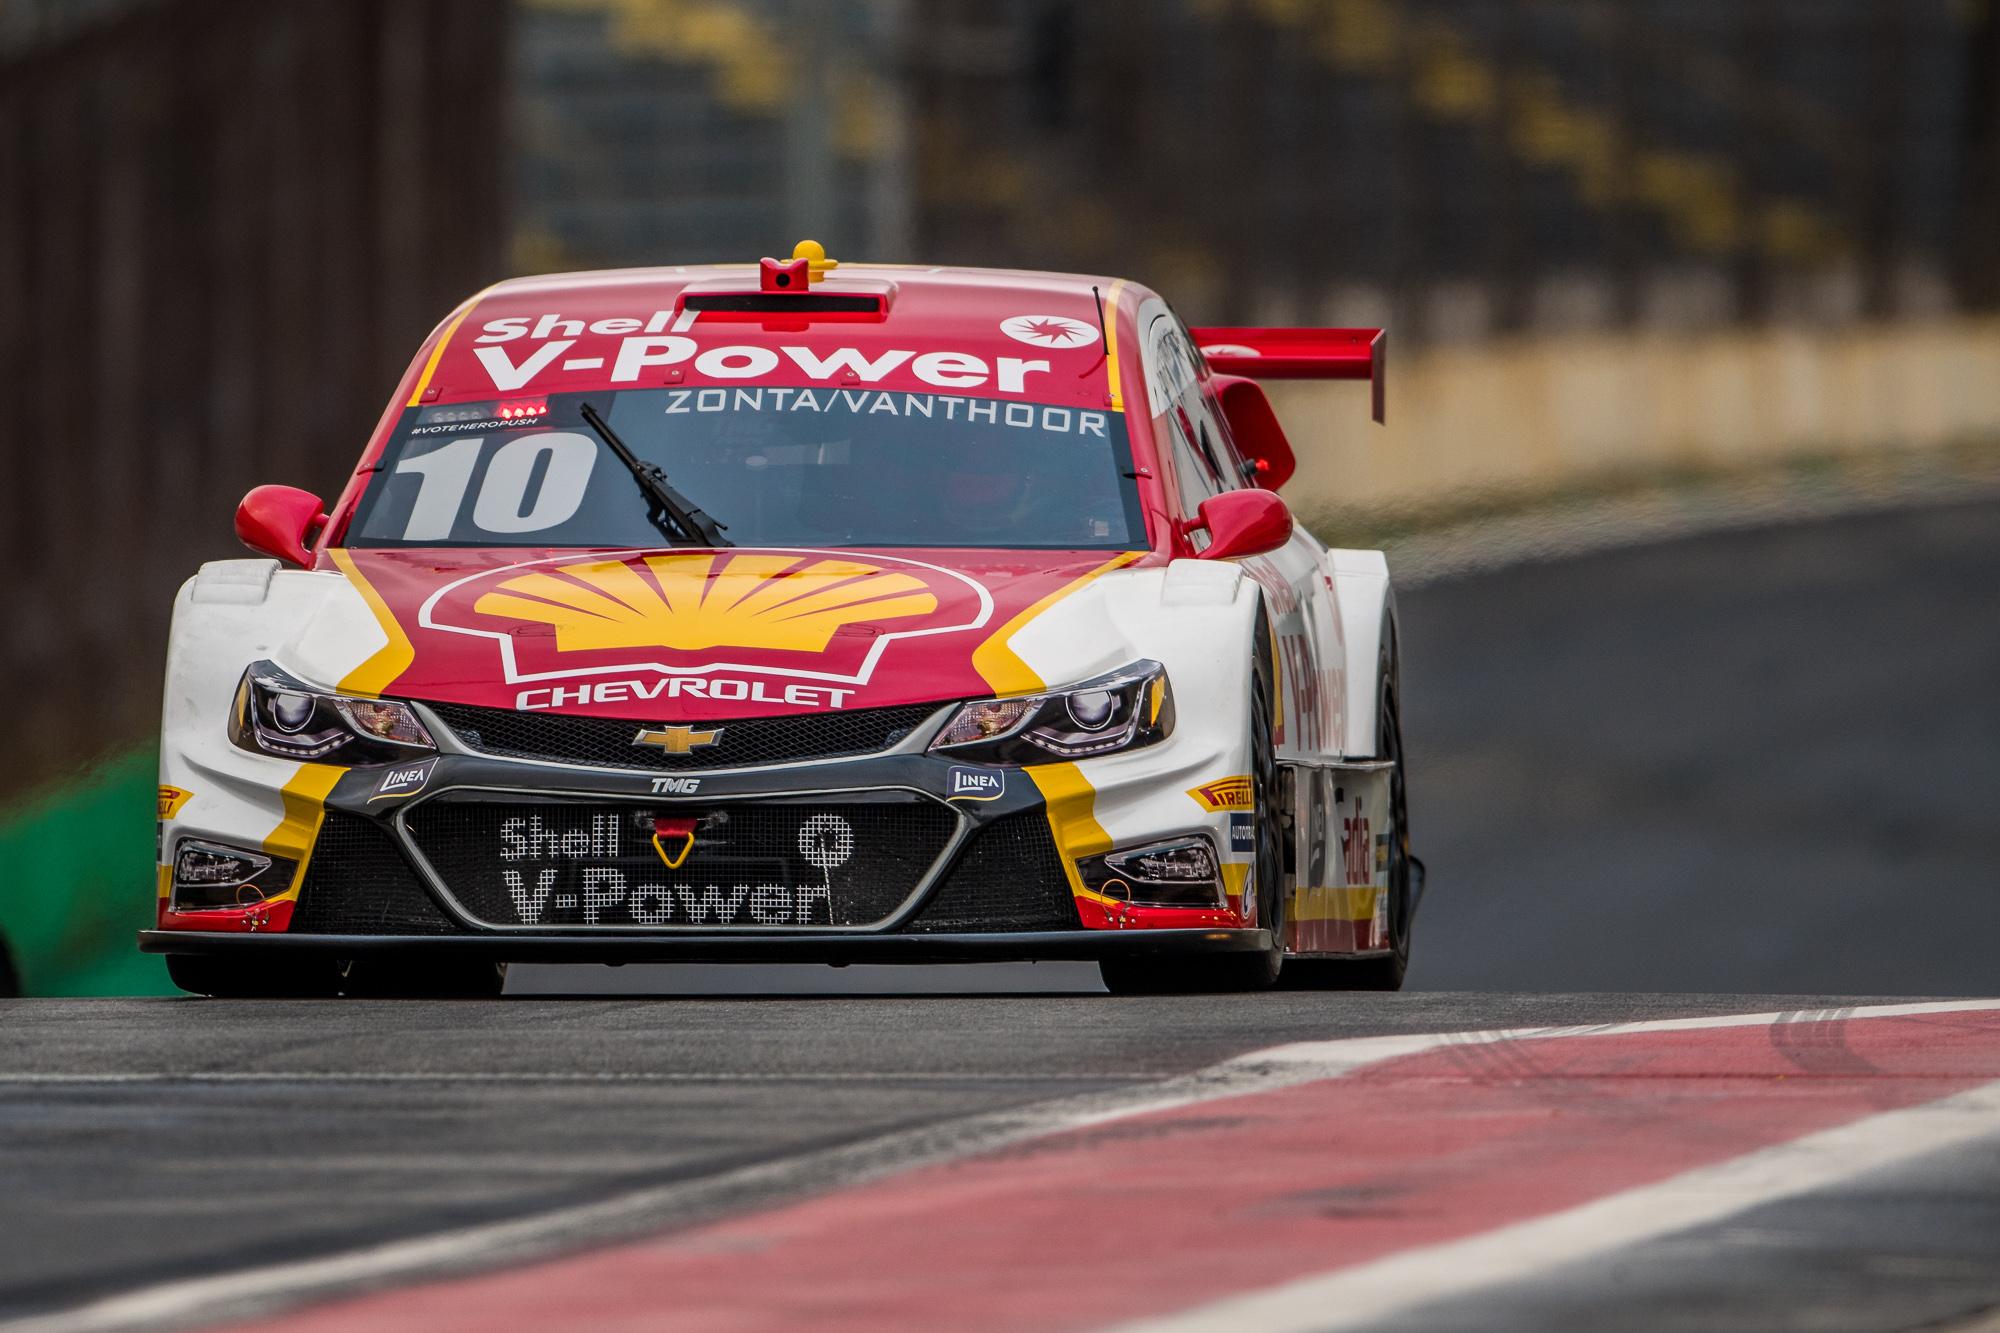 Photo of Stock Car – Shell V-Power lidera novamente com o carro # 10 e coloca o # 51 em quarto em Interlagos